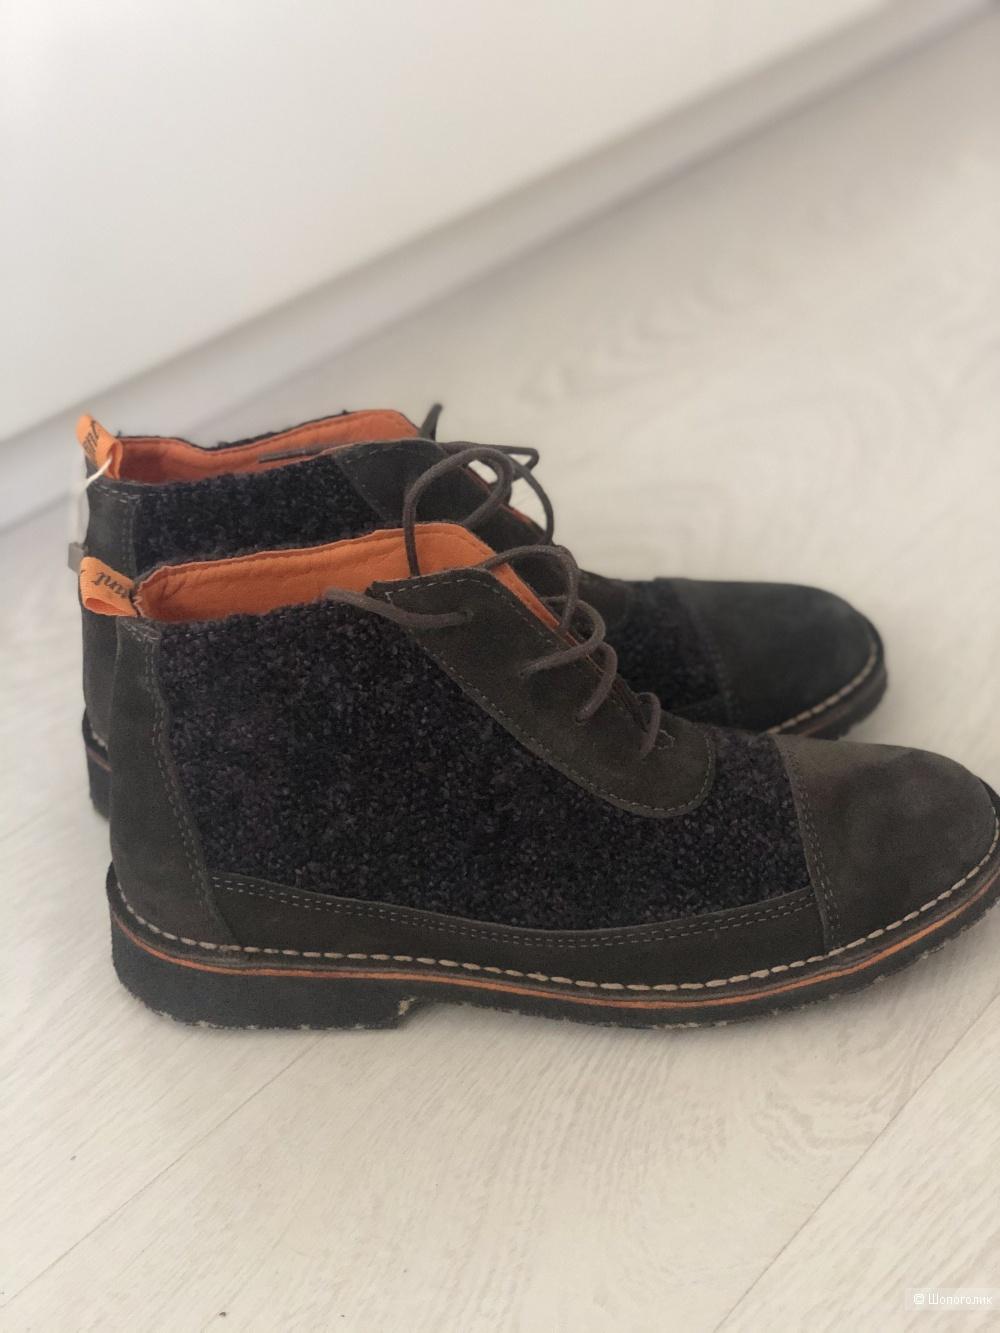 Ботинки Instint  Toni Pons  41р